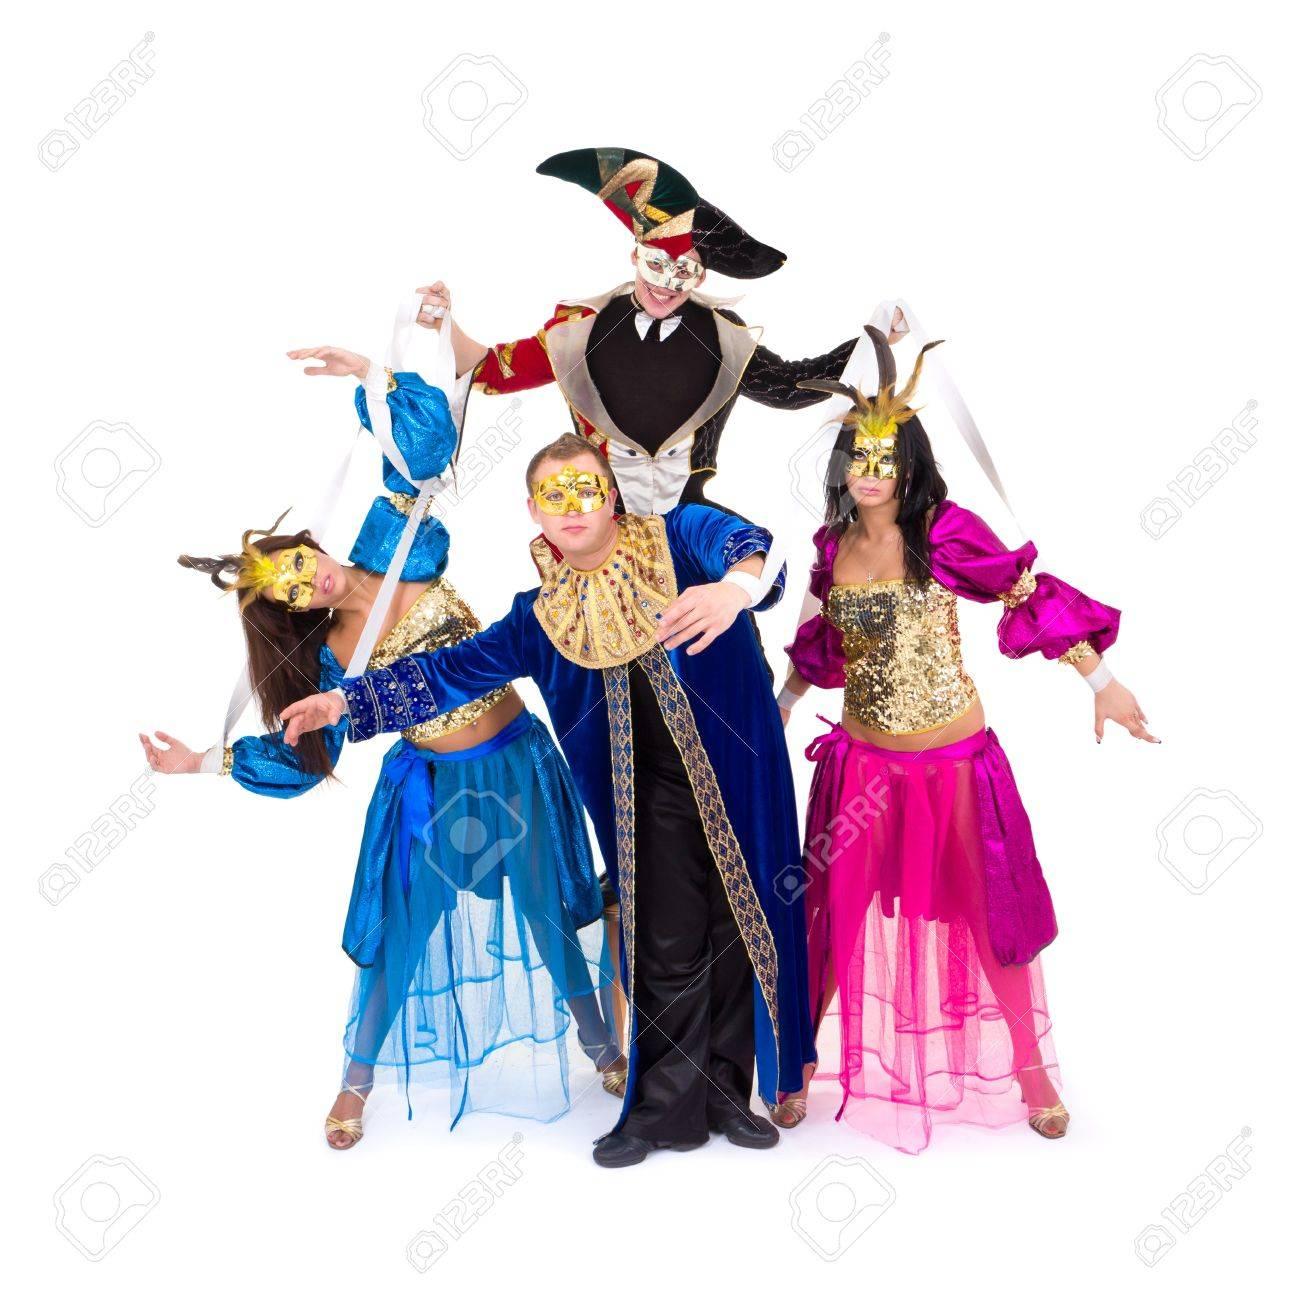 Bailarines con trajes de Carnaval posando sobre un fondo blanco